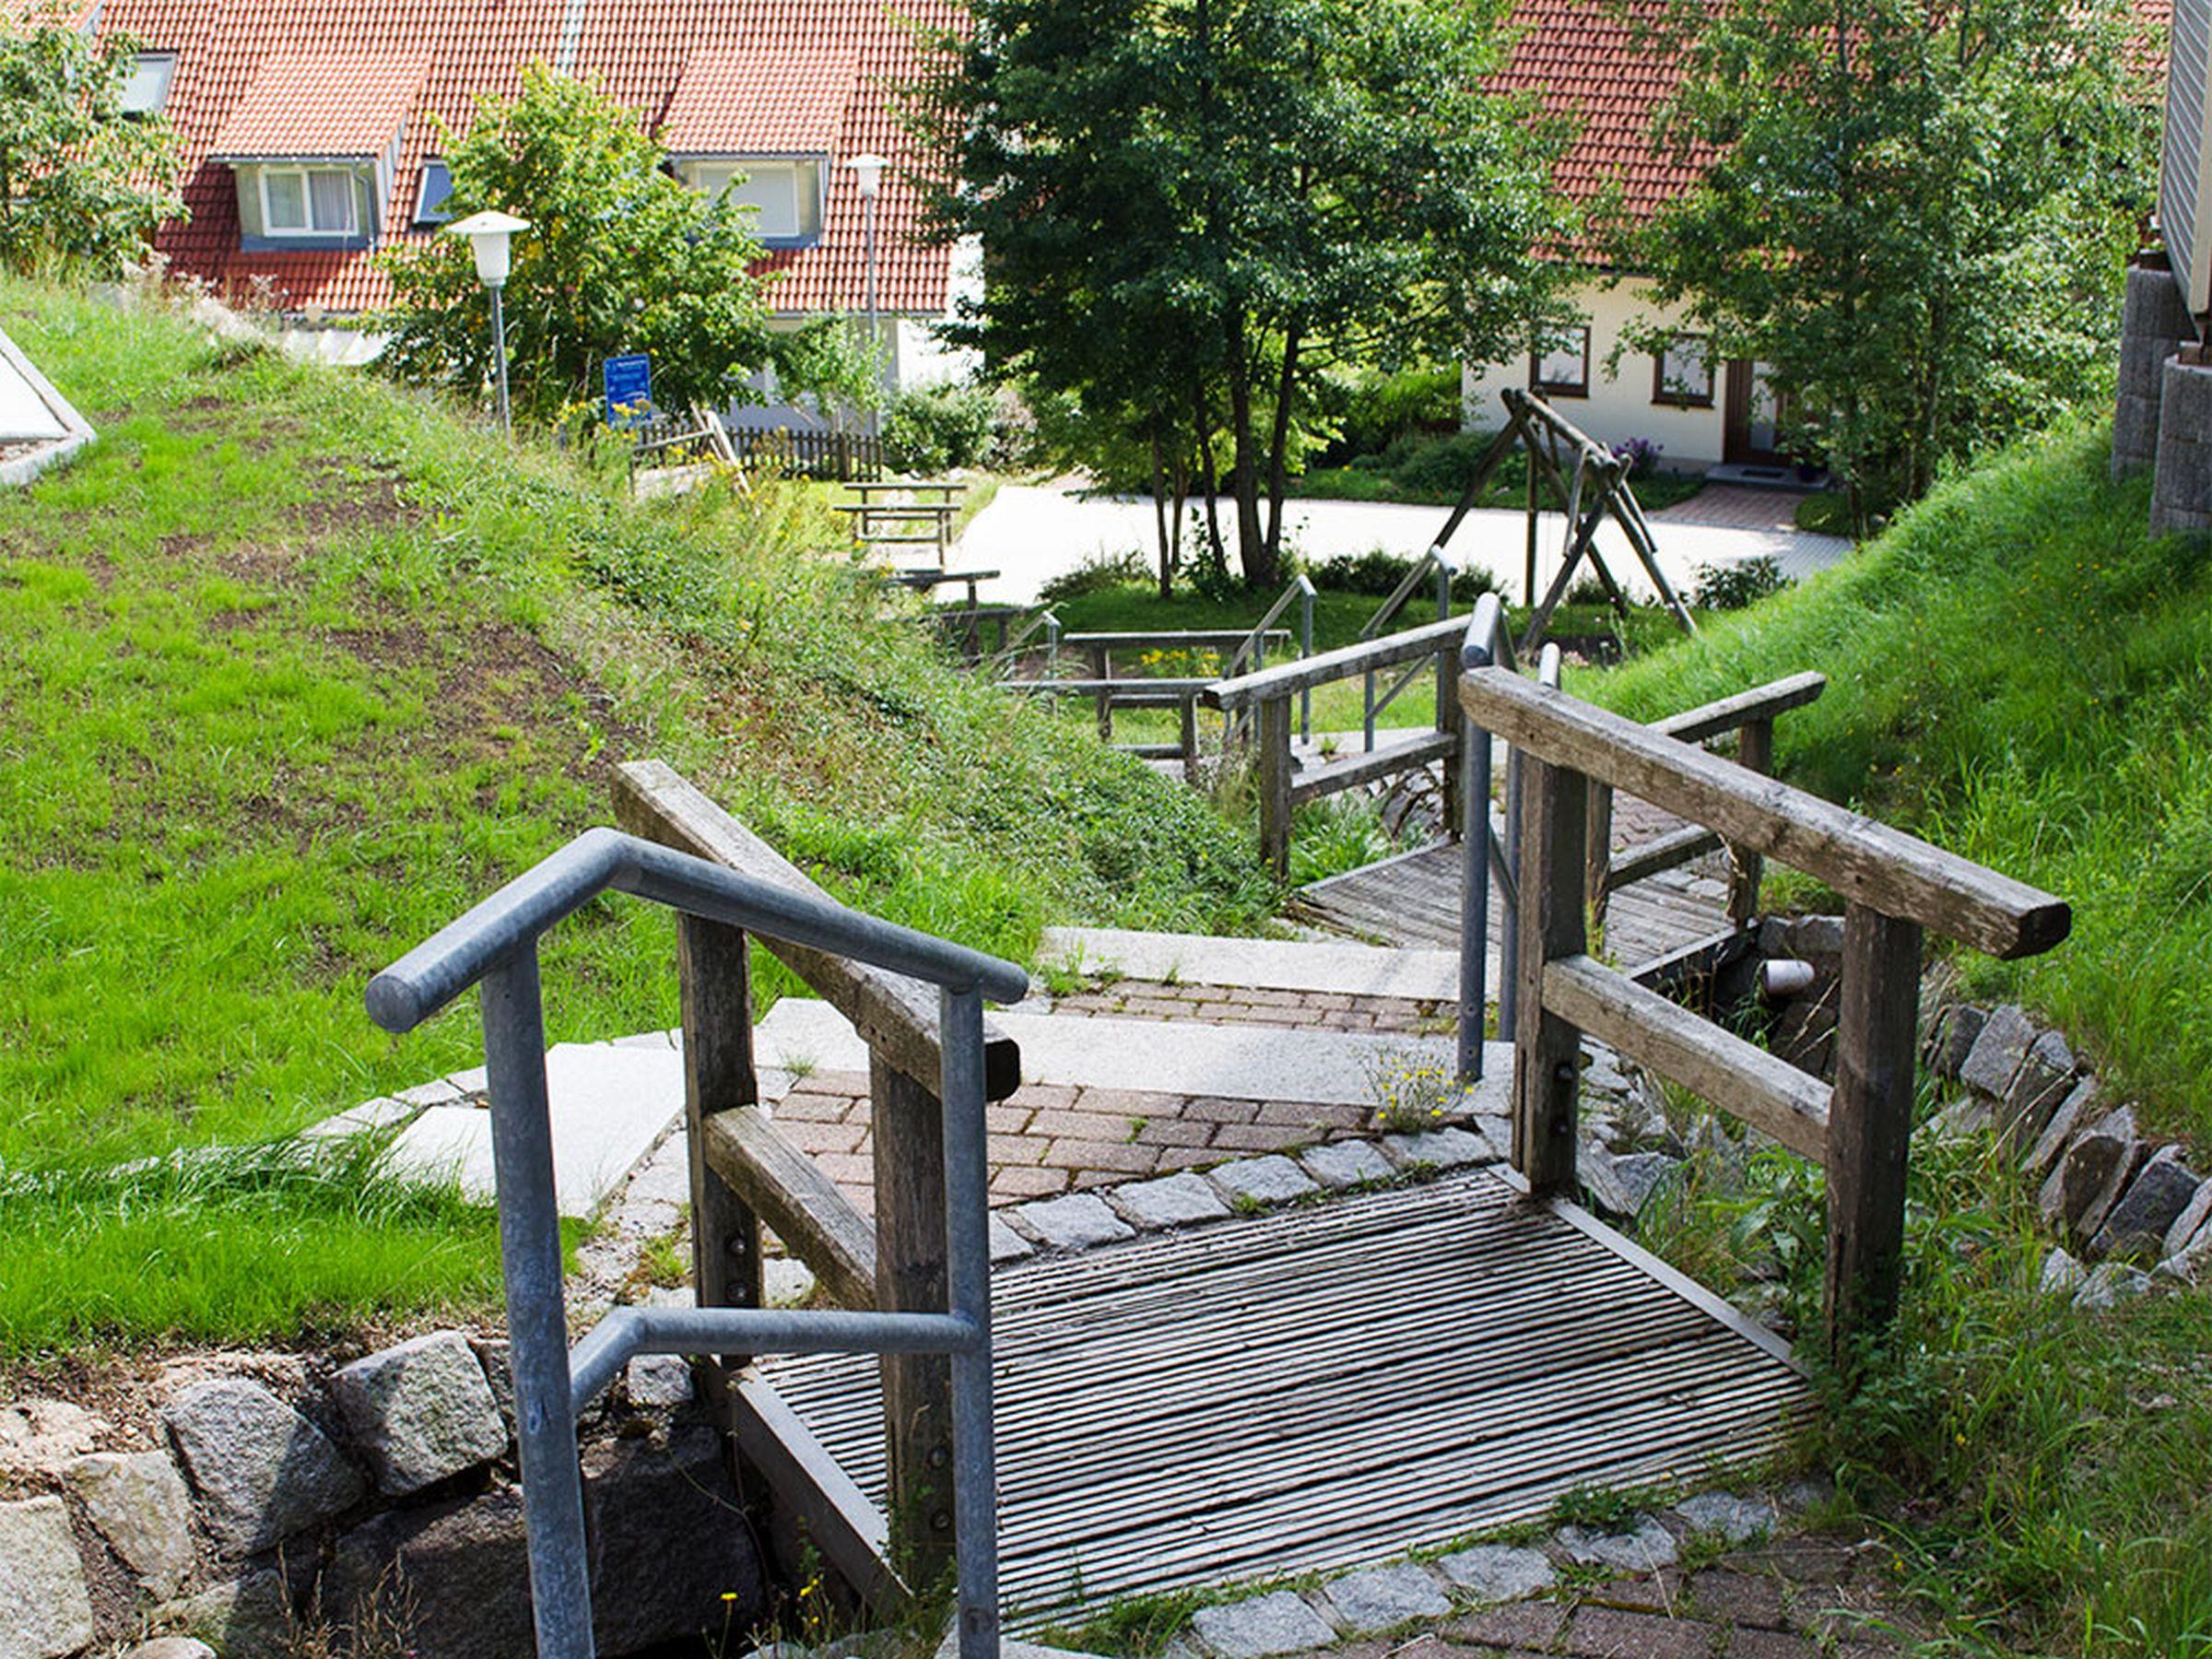 Ferienwohnung FeWo Furtwangen, (Furtwangen). Ferienwohnung, 50qm, Terrasse, Wohn- / Schlafzimmer (2720015), Furtwangen, Schwarzwald, Baden-Württemberg, Deutschland, Bild 7